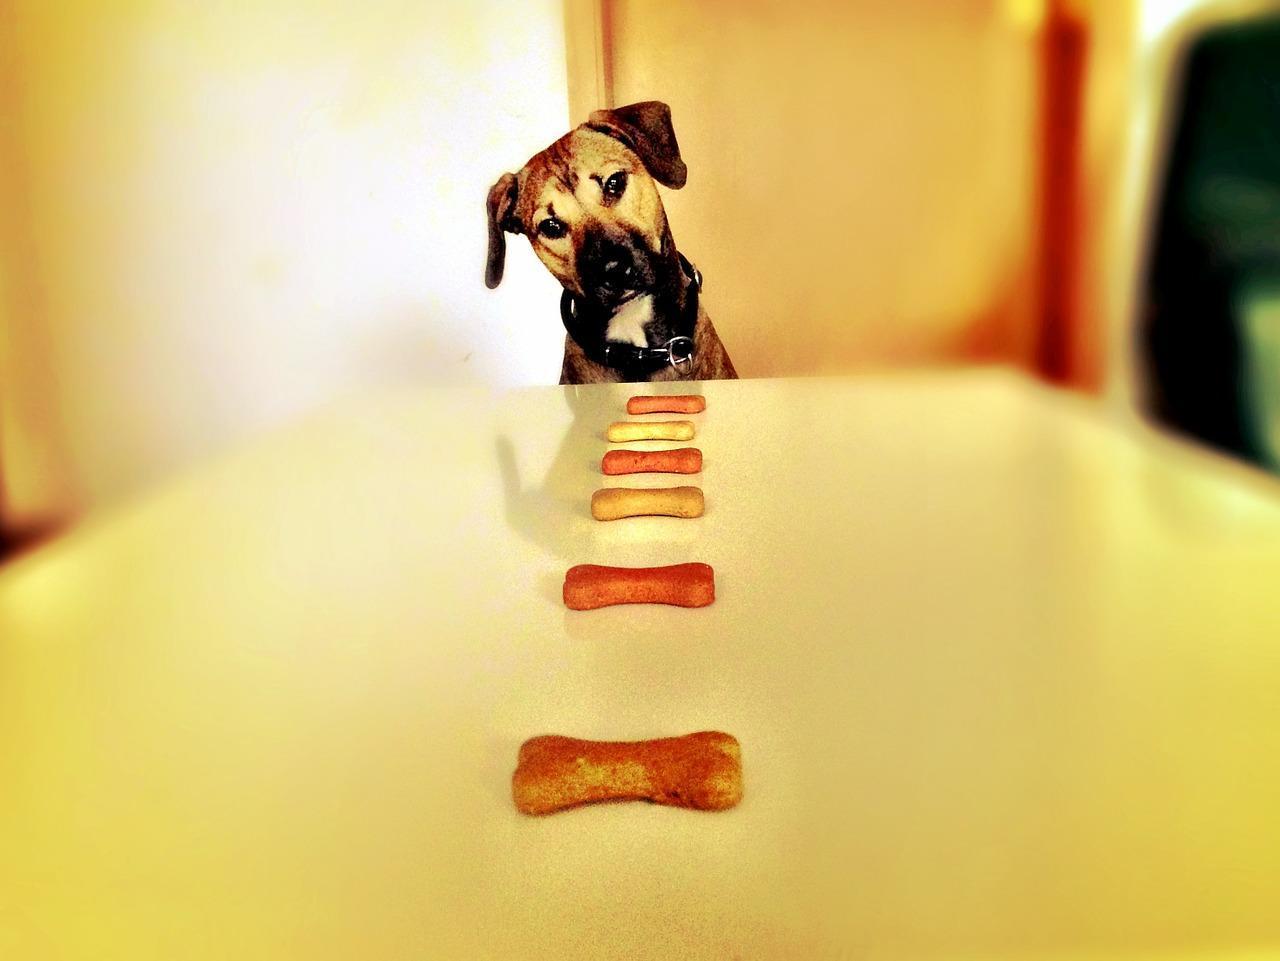 enseñar sobre el mejor alimento para perros cachorros